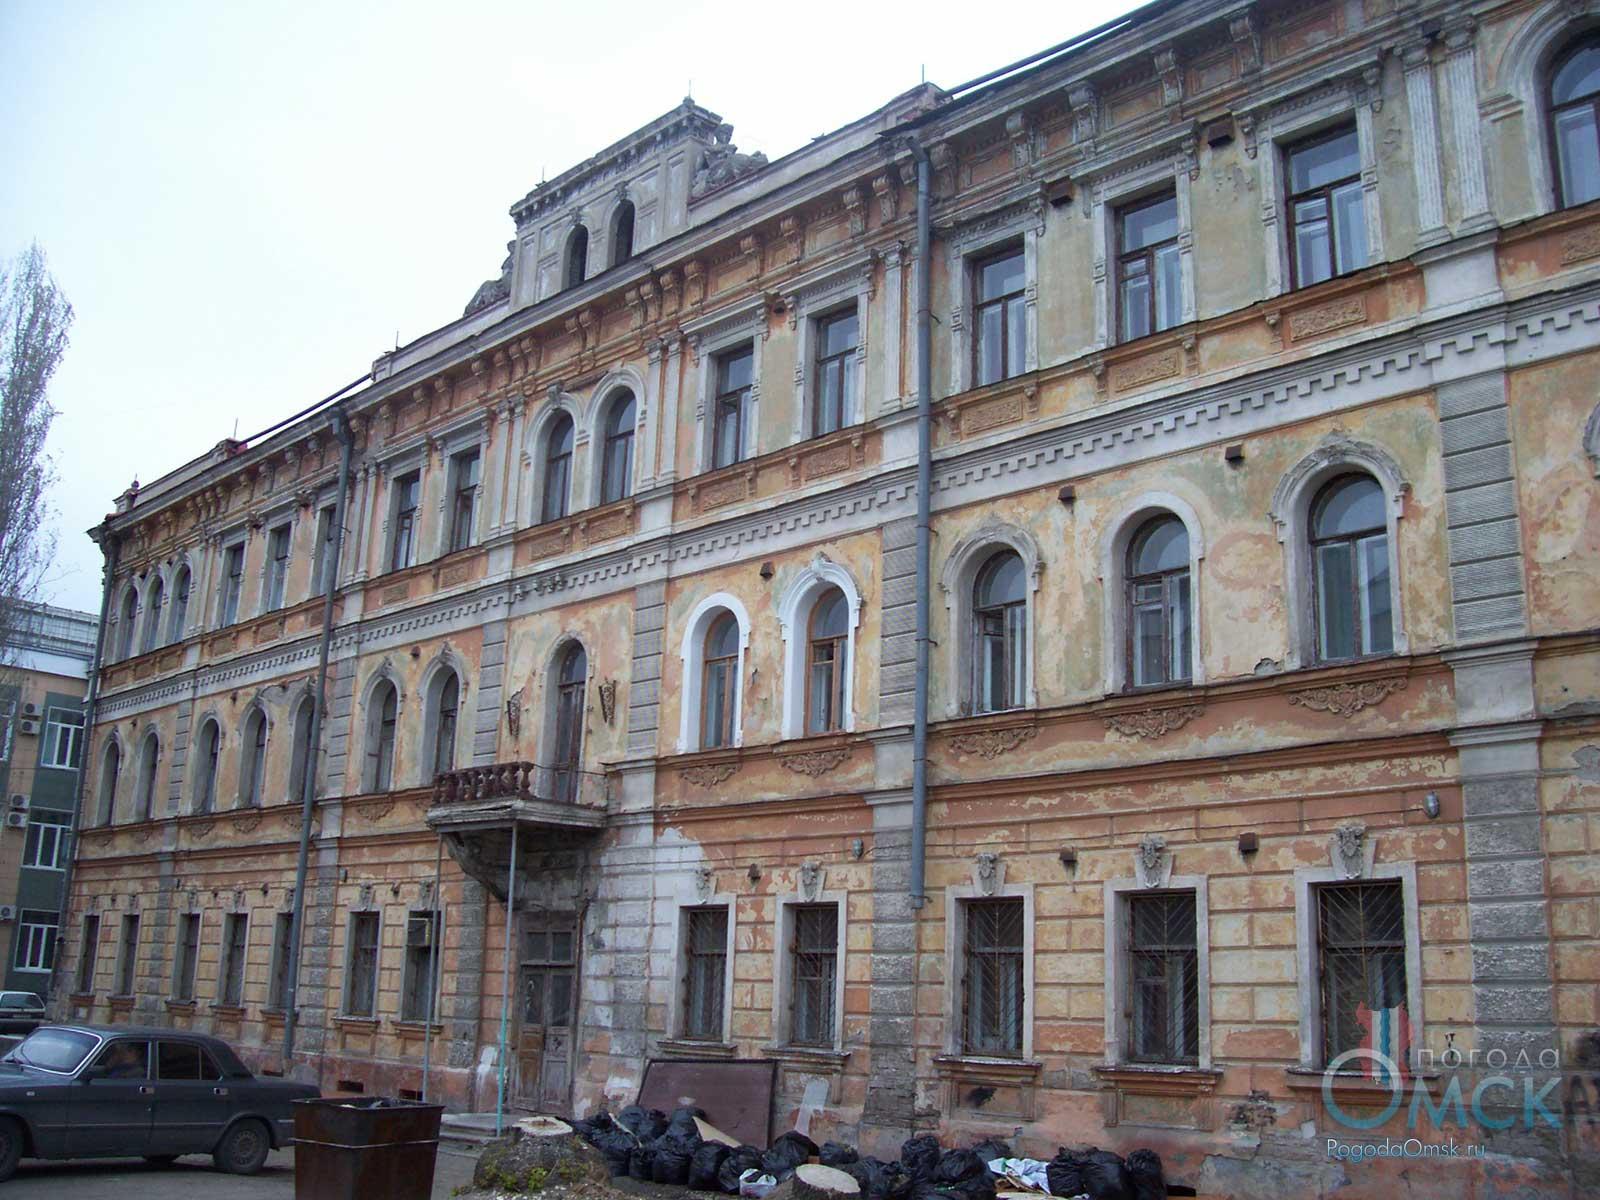 Училище им. В.Я. Шебалина